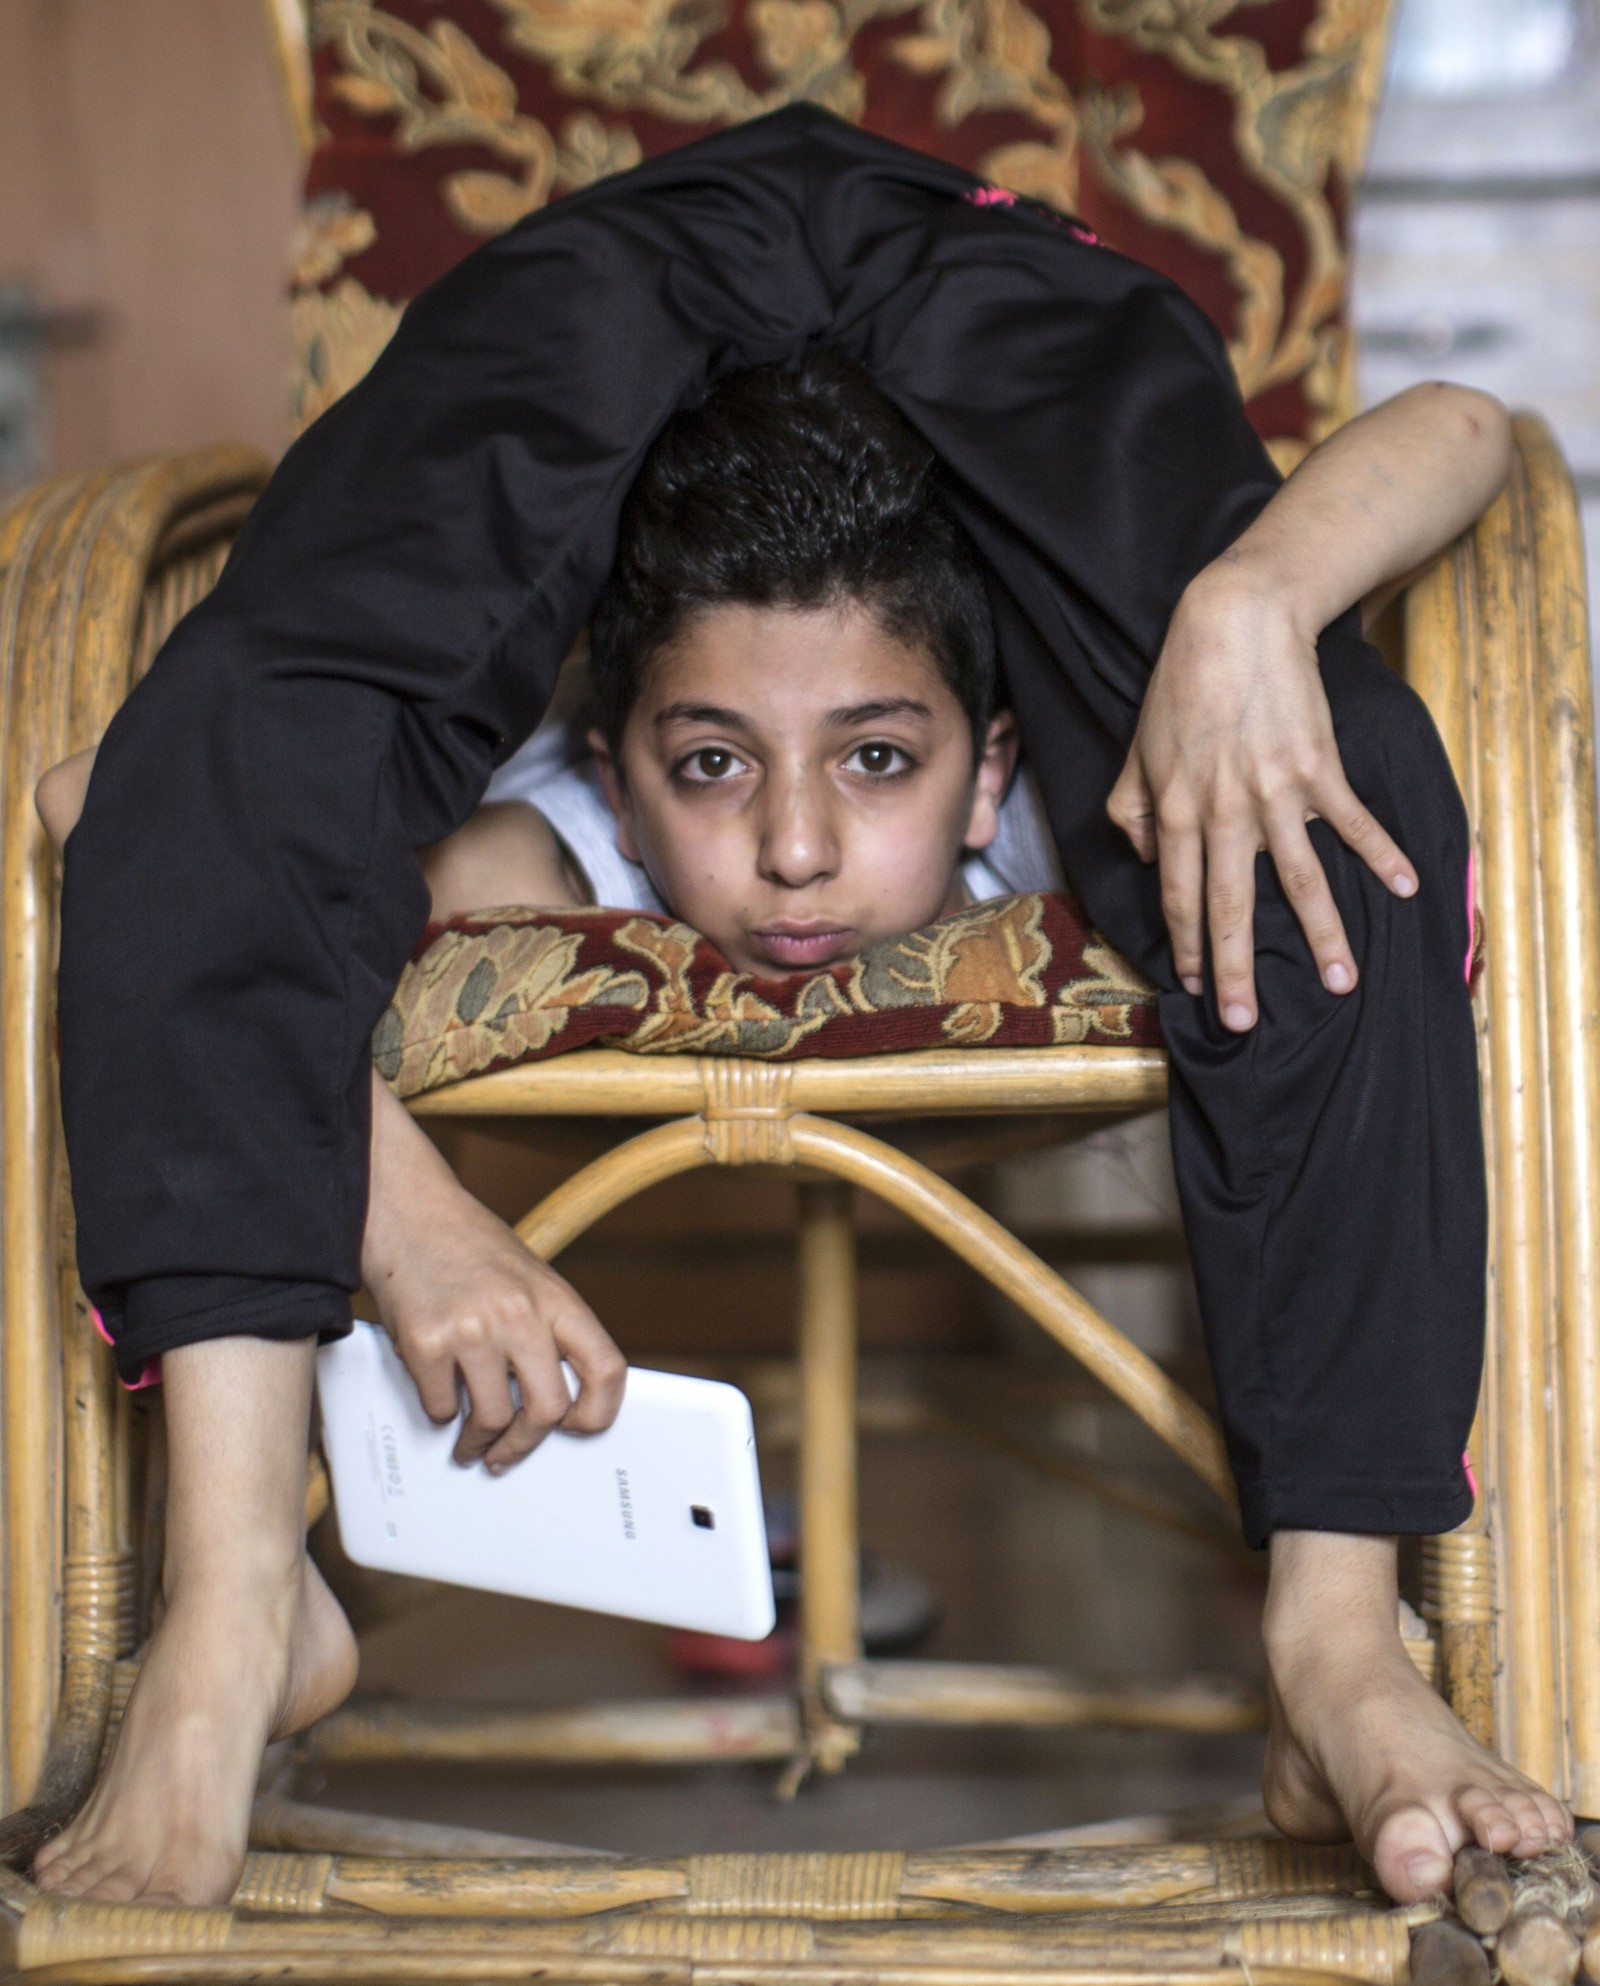 Palestinske Mohammed al-Sheikh (12) drømmer om å slange seg inn i Guinness rekordbok. Her imponerer han nyhetsbyrået AFPs fotograf mens han sjekker nettbrettet.